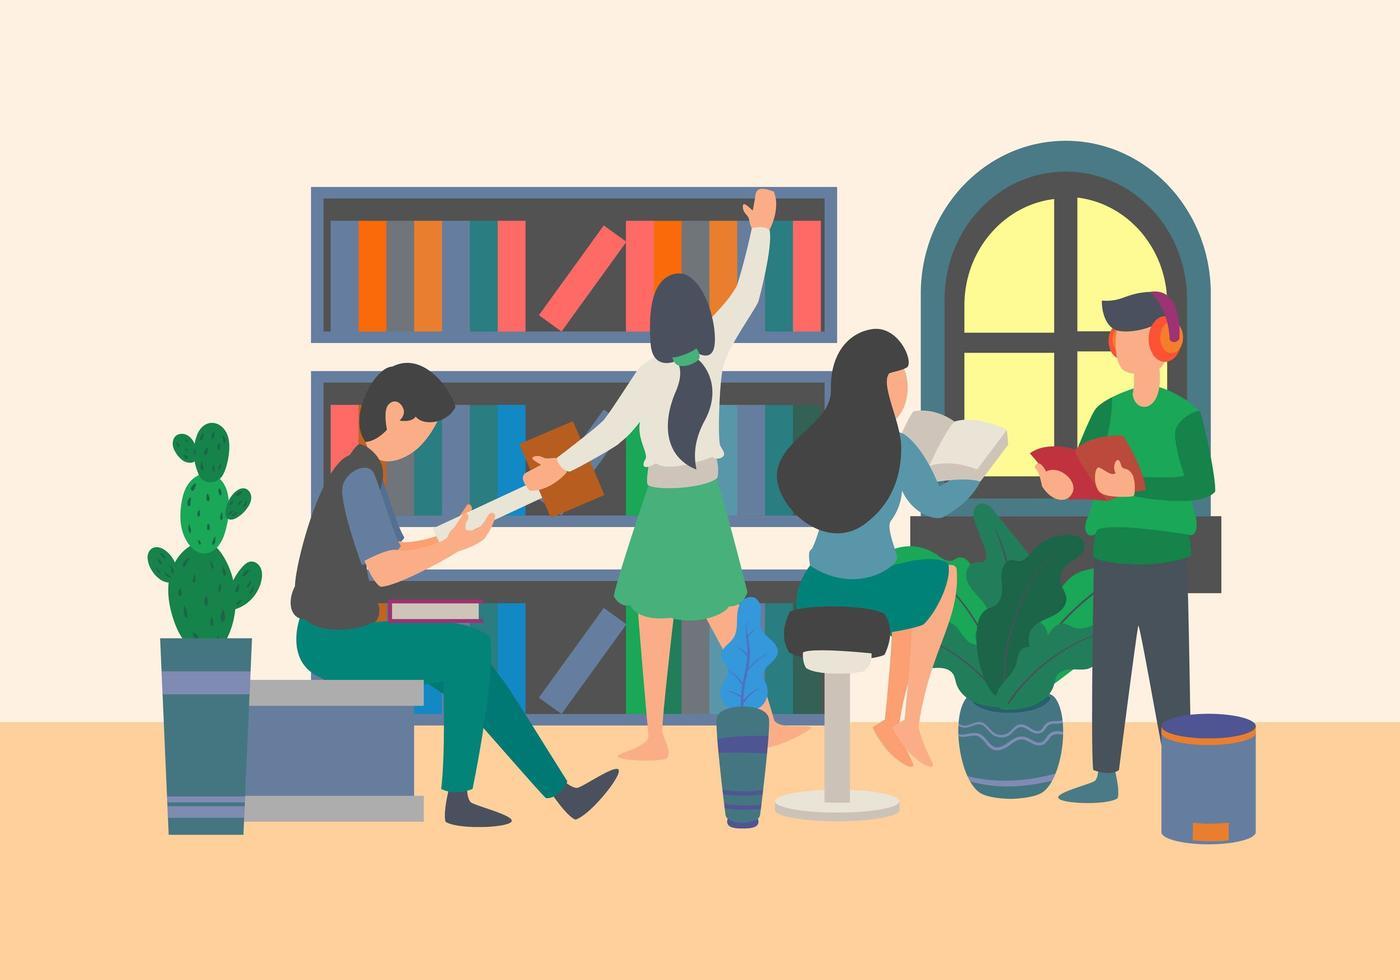 platta delar av studenter som studerar på biblioteket. studentsamling på biblioteksplatta element. tillbaka till skolans tema. vektor